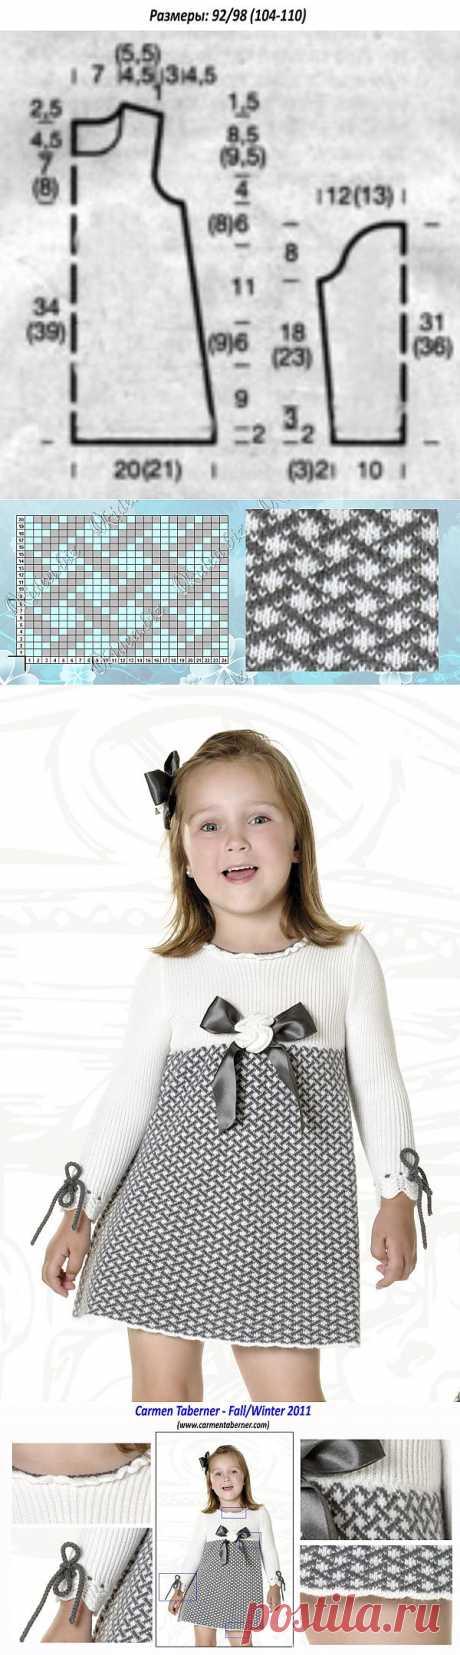 детские модели спицами | Записи в рубрике детские модели спицами | Дневник Иримед